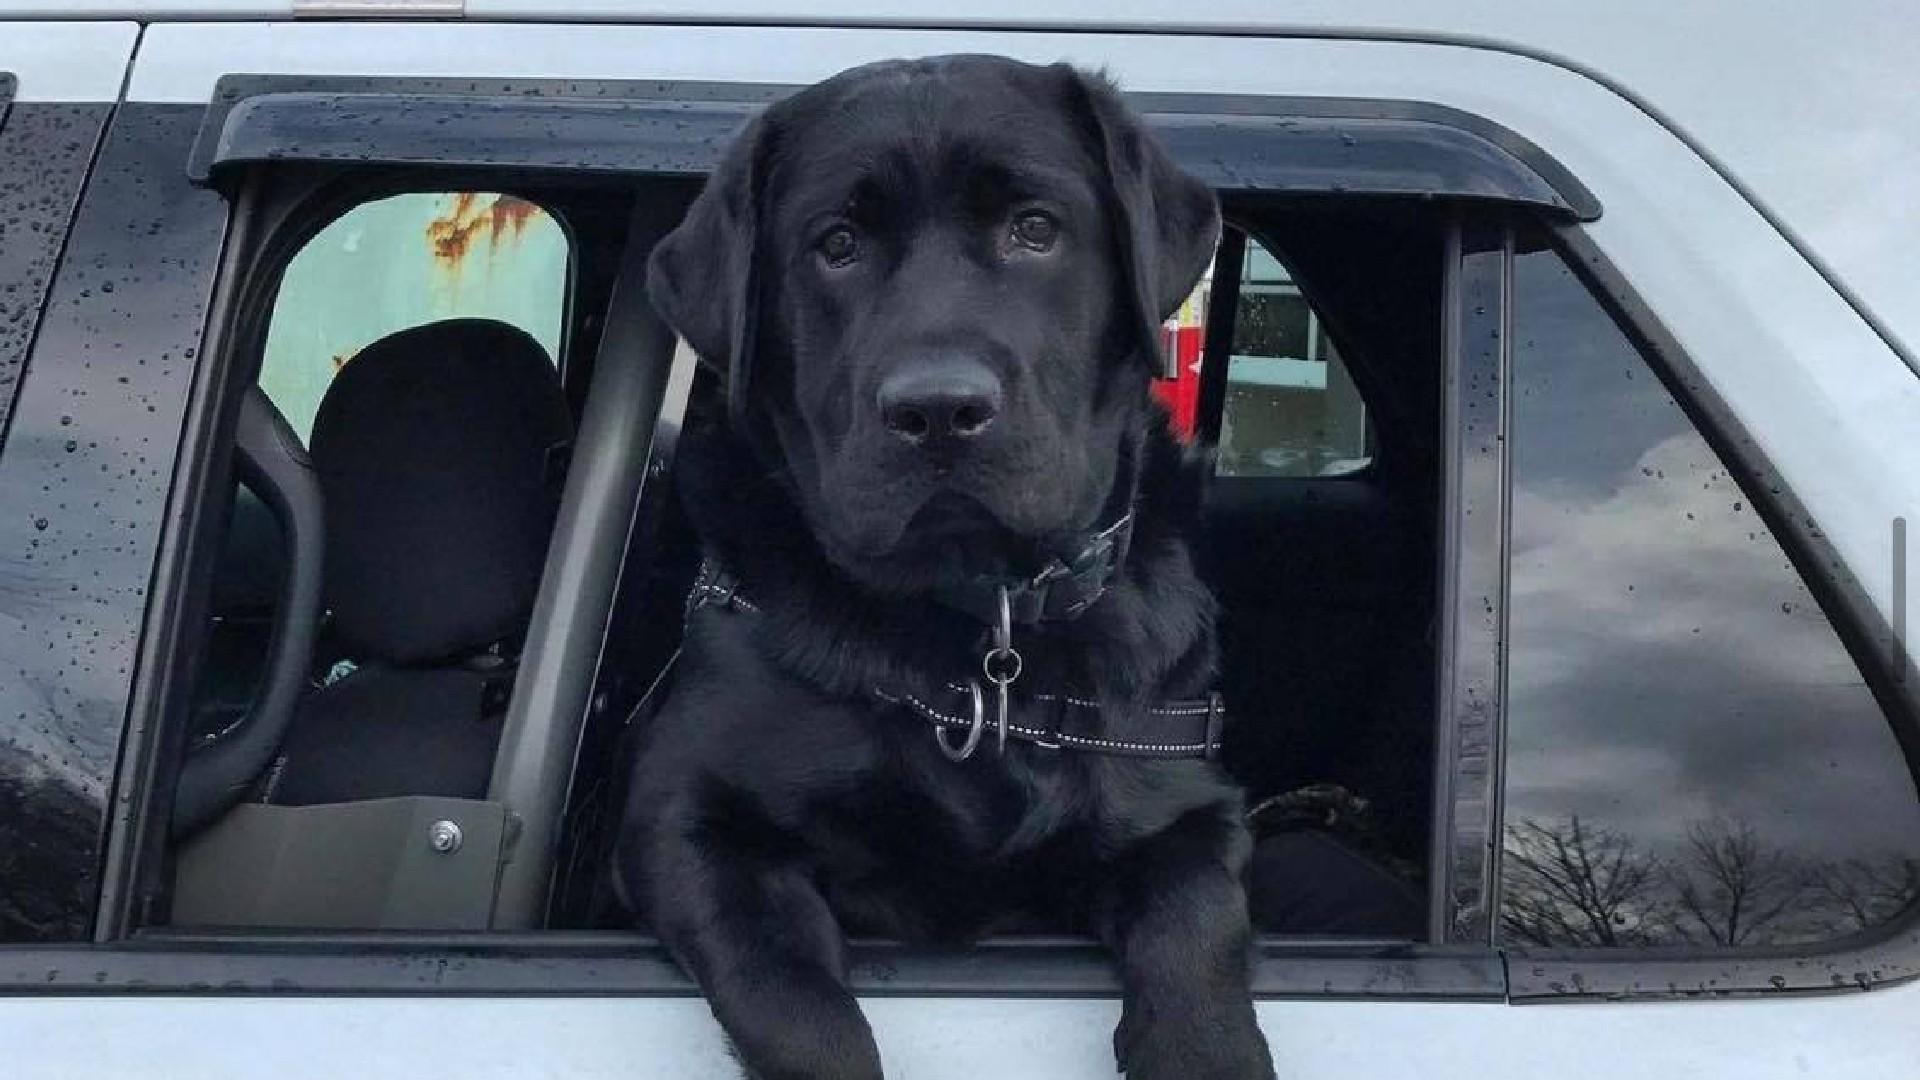 Officer Beko